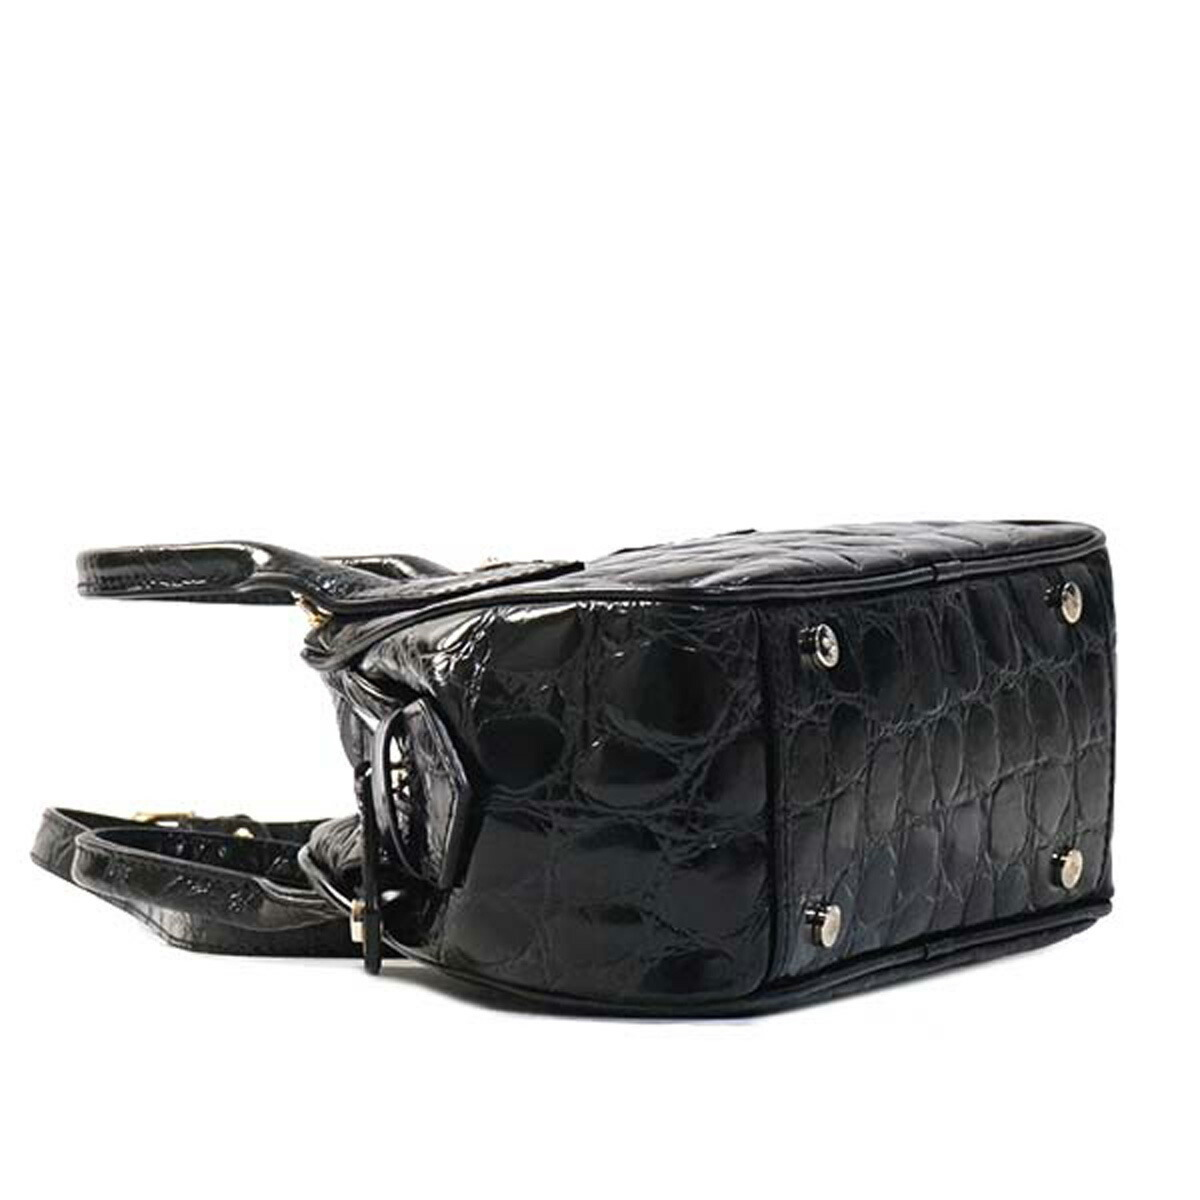 ヴィヴィアン バッグ ヤスミン ハンドバッグ 2way 斜めがけバッグ